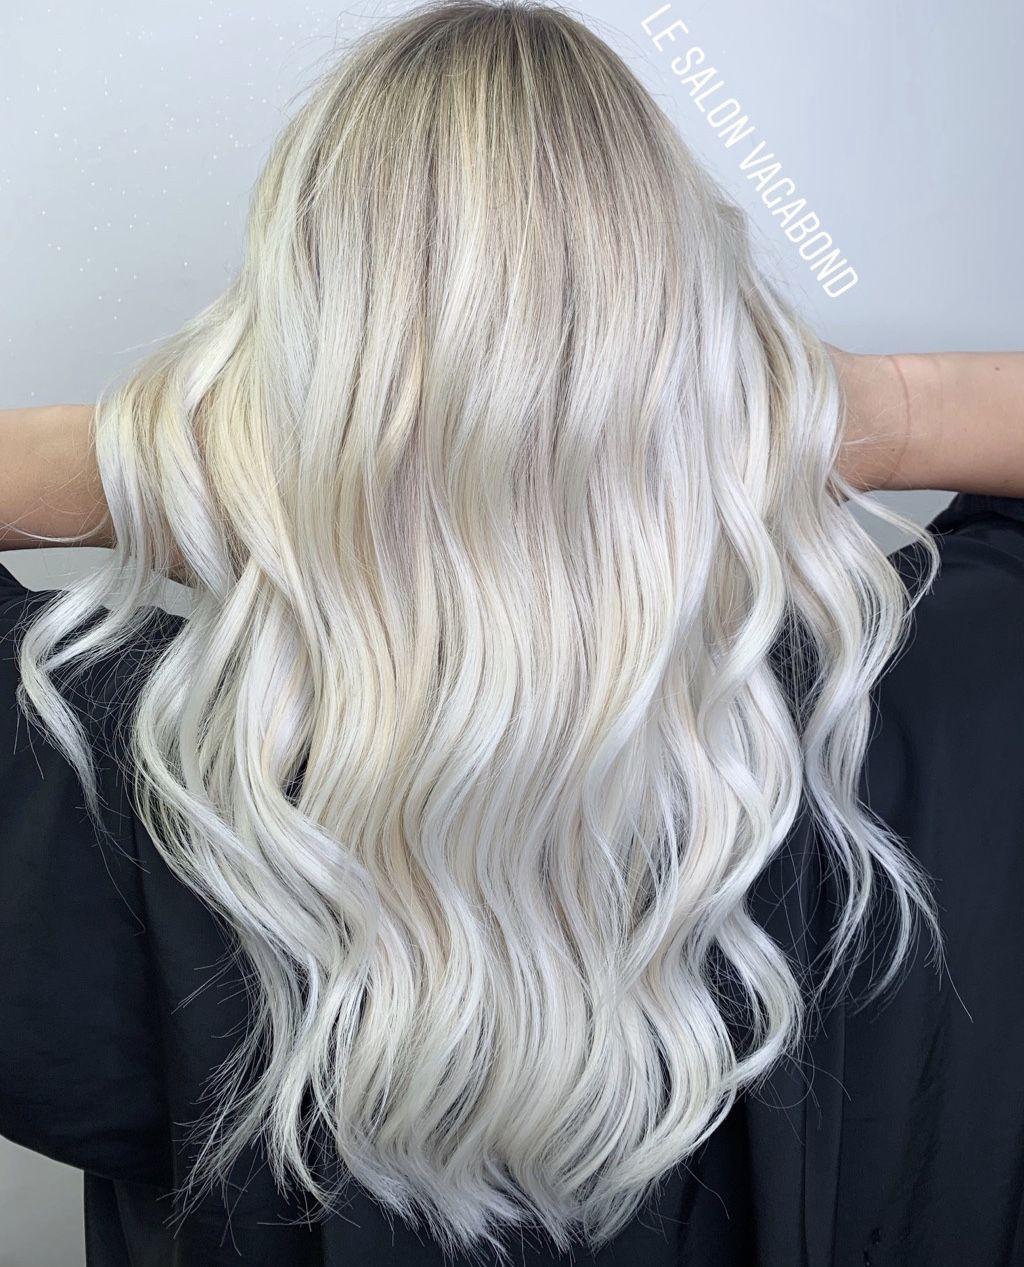 Epingle Sur Les Blonds By Le Salon Vagabond